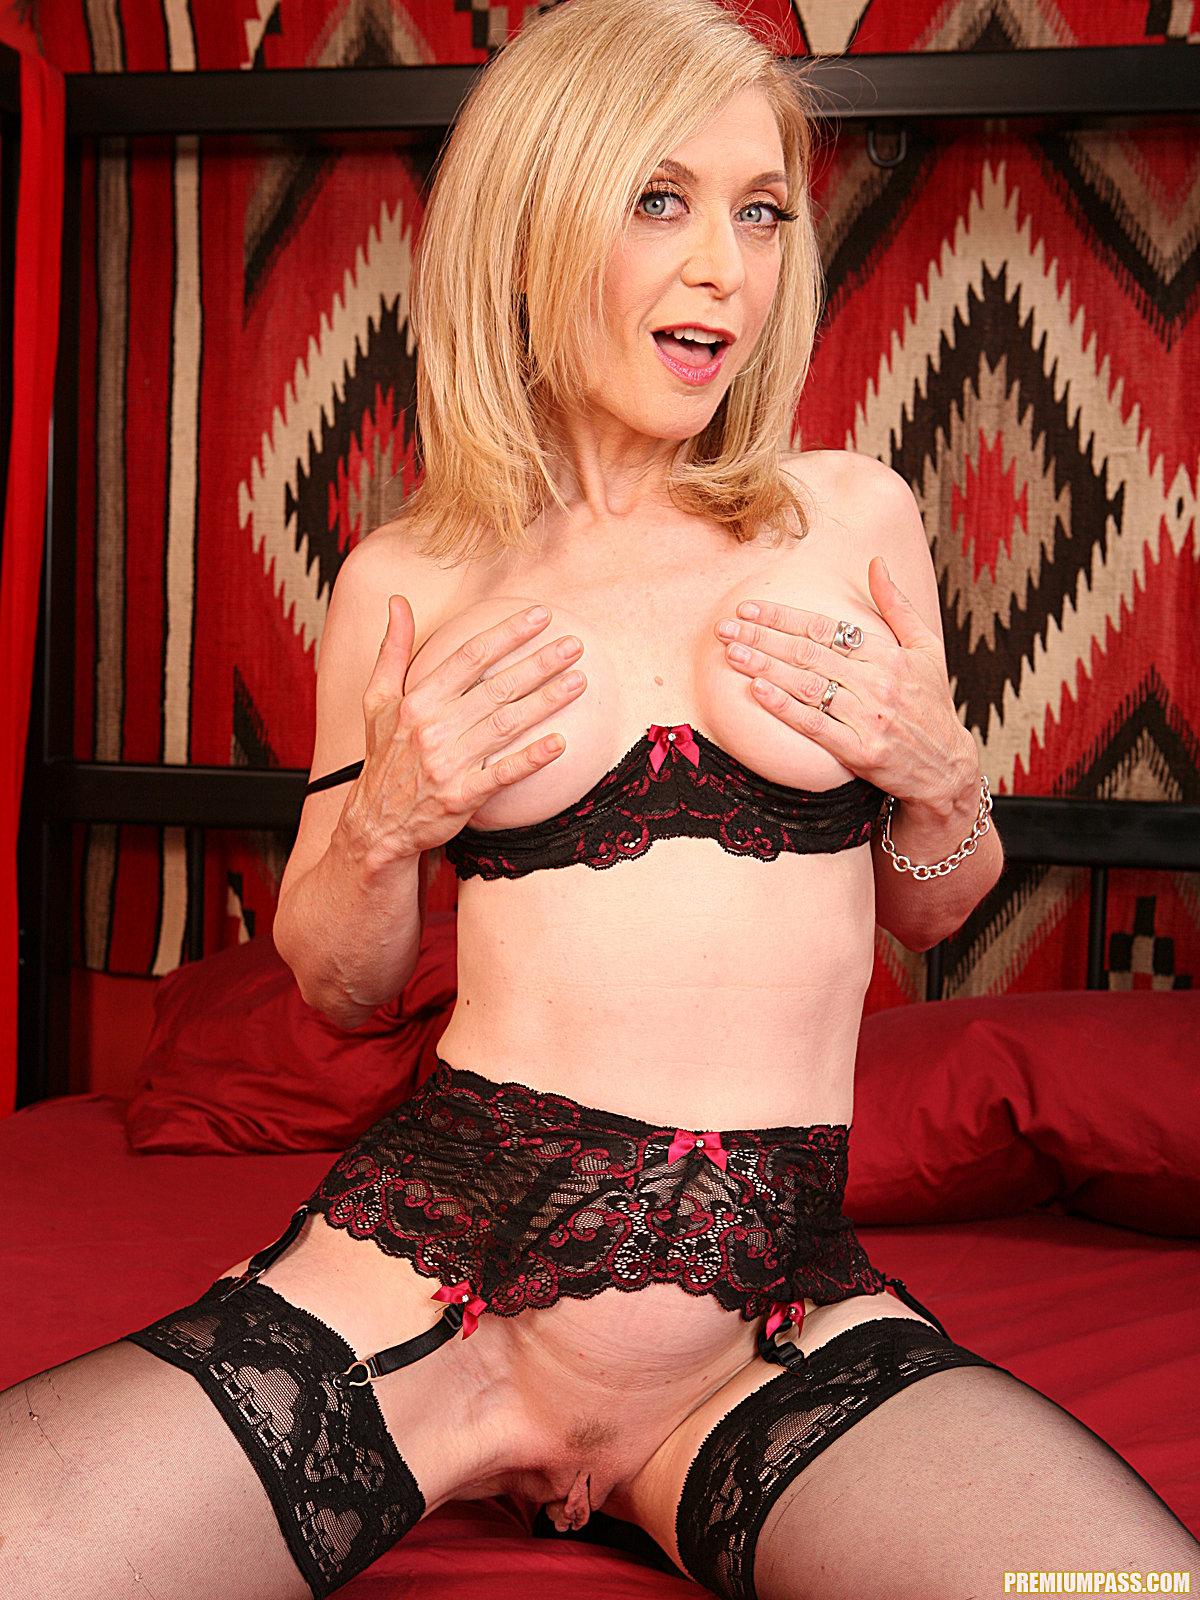 Nina hartley hard rock, hot model pussy nude